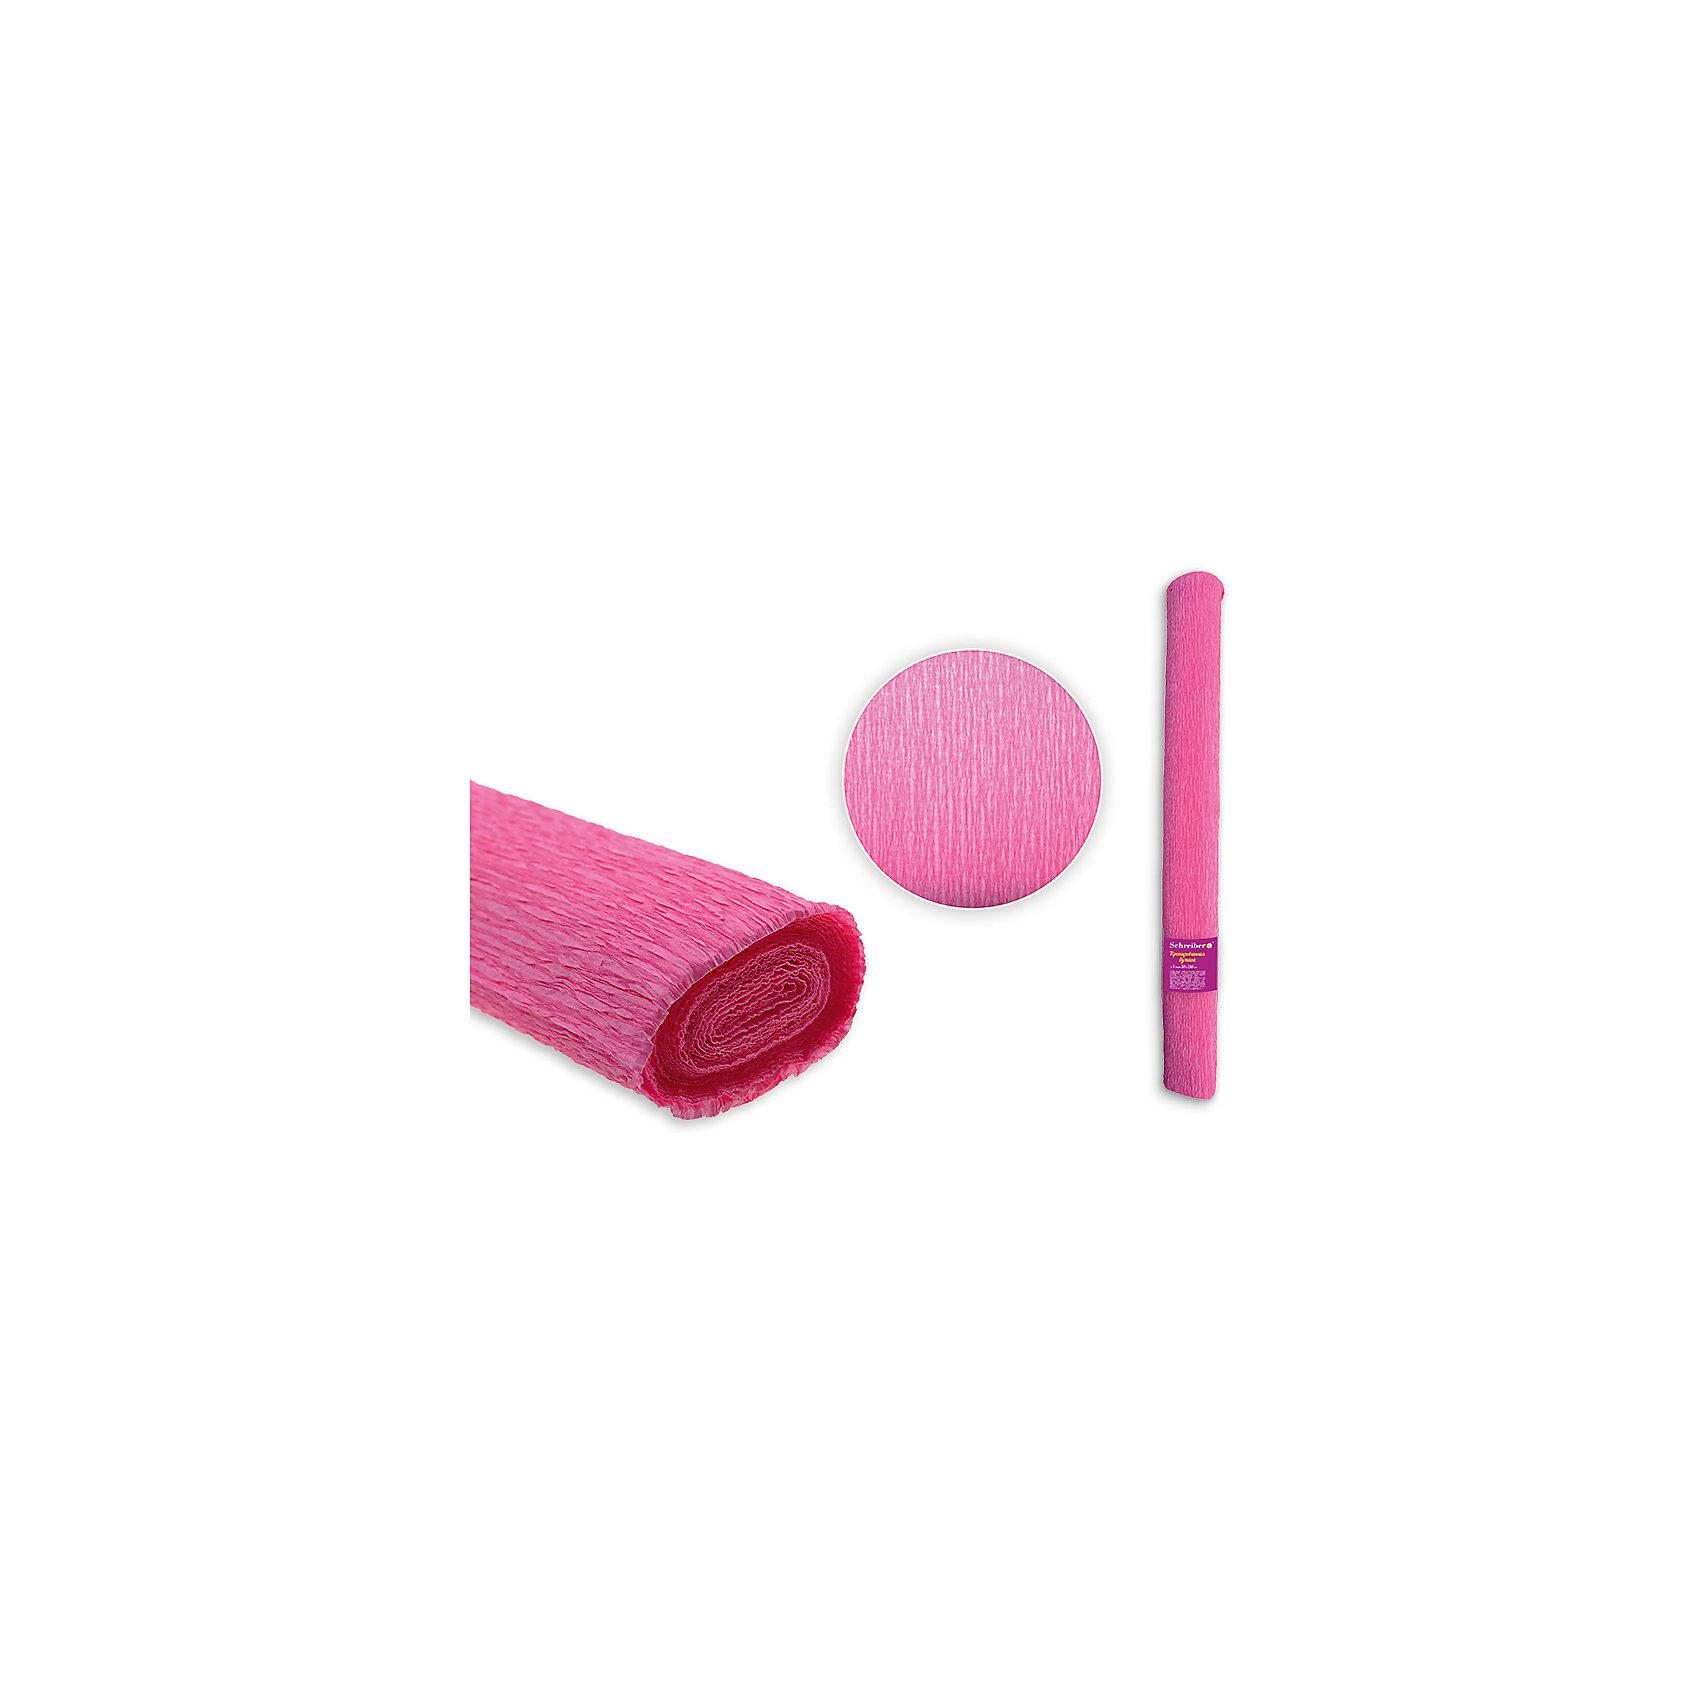 Цветная крепированная бумага 50х250 см, оттенок пурпурно-розовыйПоследняя цена<br>Цветная крепированная бумага 50х250 см, оттенок пурпурно-розовый.<br><br>Характеристики:<br><br>• Возраст: от 6 лет<br>• Размер: 50х250 см.<br>• Оттенок: пурпурно-розовый<br><br>Двухсторонняя крепированная бумага - идеальный вариант для воплощения любых творческих идей: начиная от создания поделок и заканчивая упаковкой подарков. Является великолепным инструментом для развития творческих навыков у детей.<br><br>Цветную крепированную бумагу 50х250 см, оттенок пурпурно-розовый можно купить в нашем интернет-магазине.<br><br>Ширина мм: 500<br>Глубина мм: 40<br>Высота мм: 75<br>Вес г: 120<br>Возраст от месяцев: 72<br>Возраст до месяцев: 2147483647<br>Пол: Унисекс<br>Возраст: Детский<br>SKU: 5504482